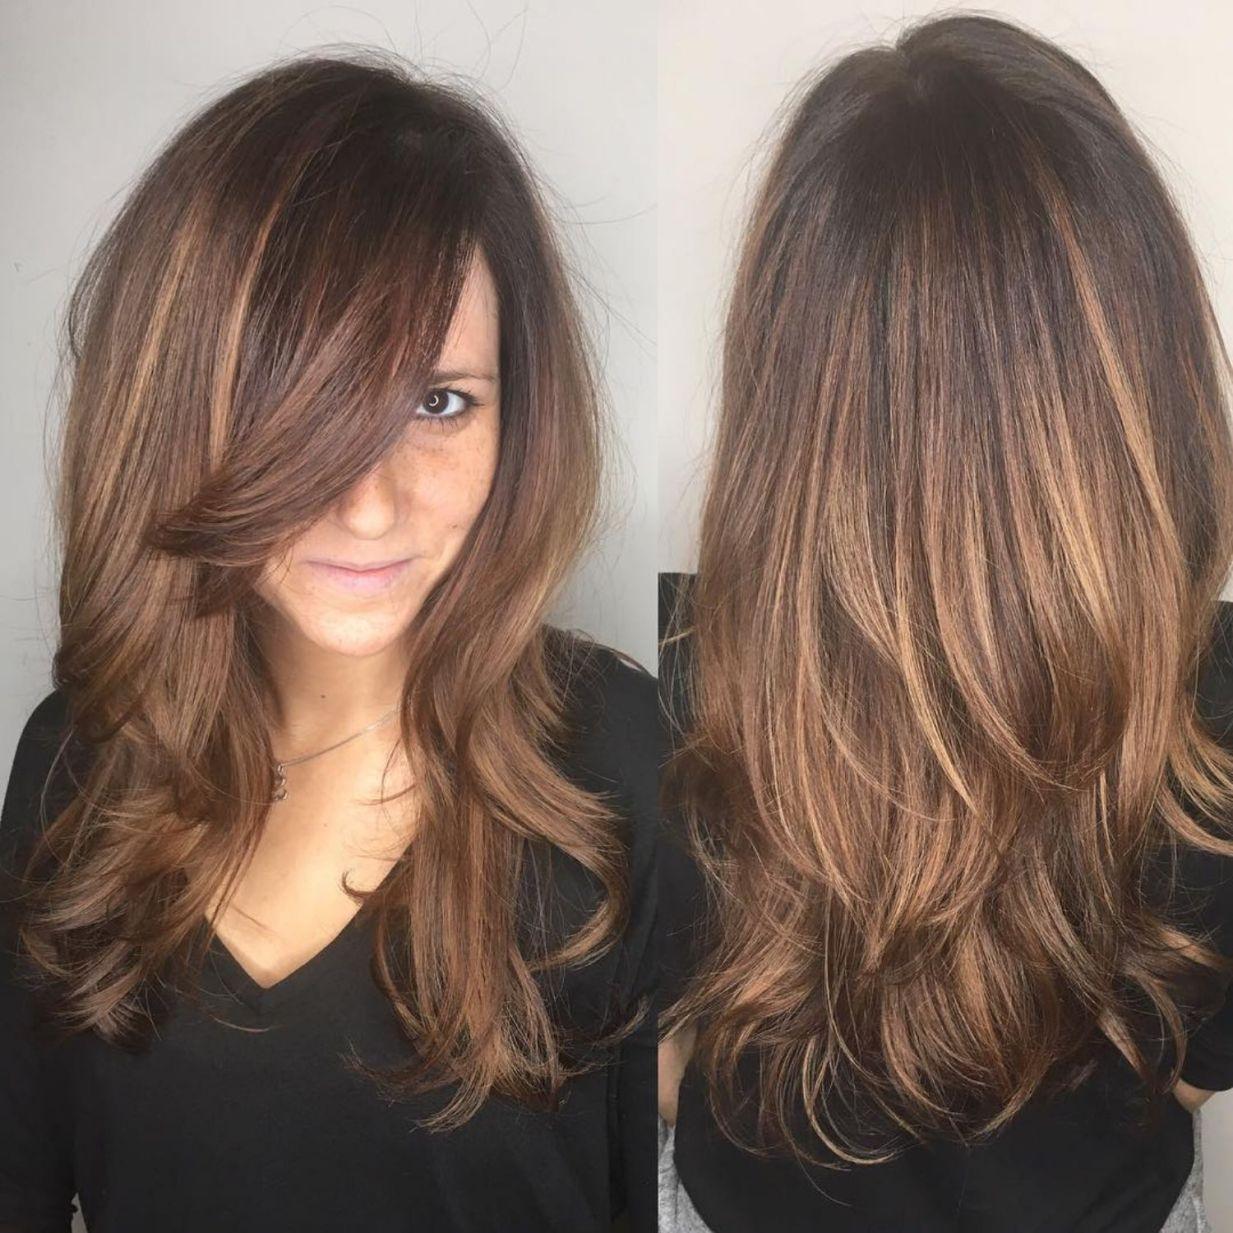 12 coupes de cheveux en couches mignonnes et sans effort avec une